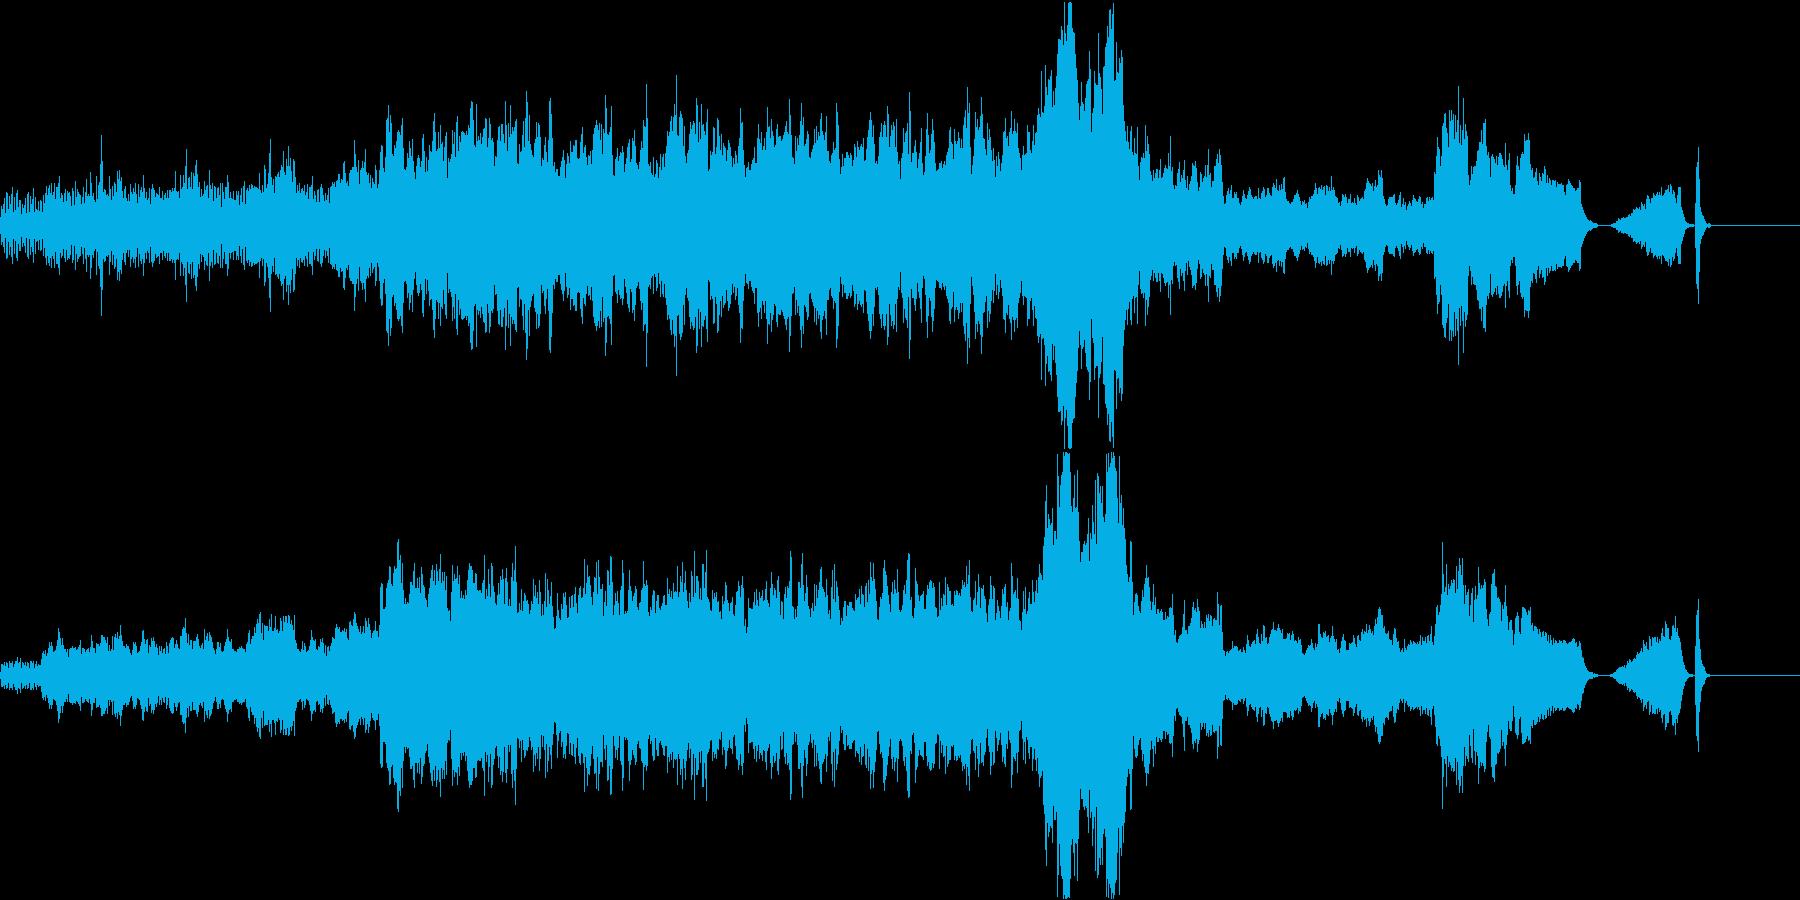 映像作品やゲーム等のオープニングBGMの再生済みの波形